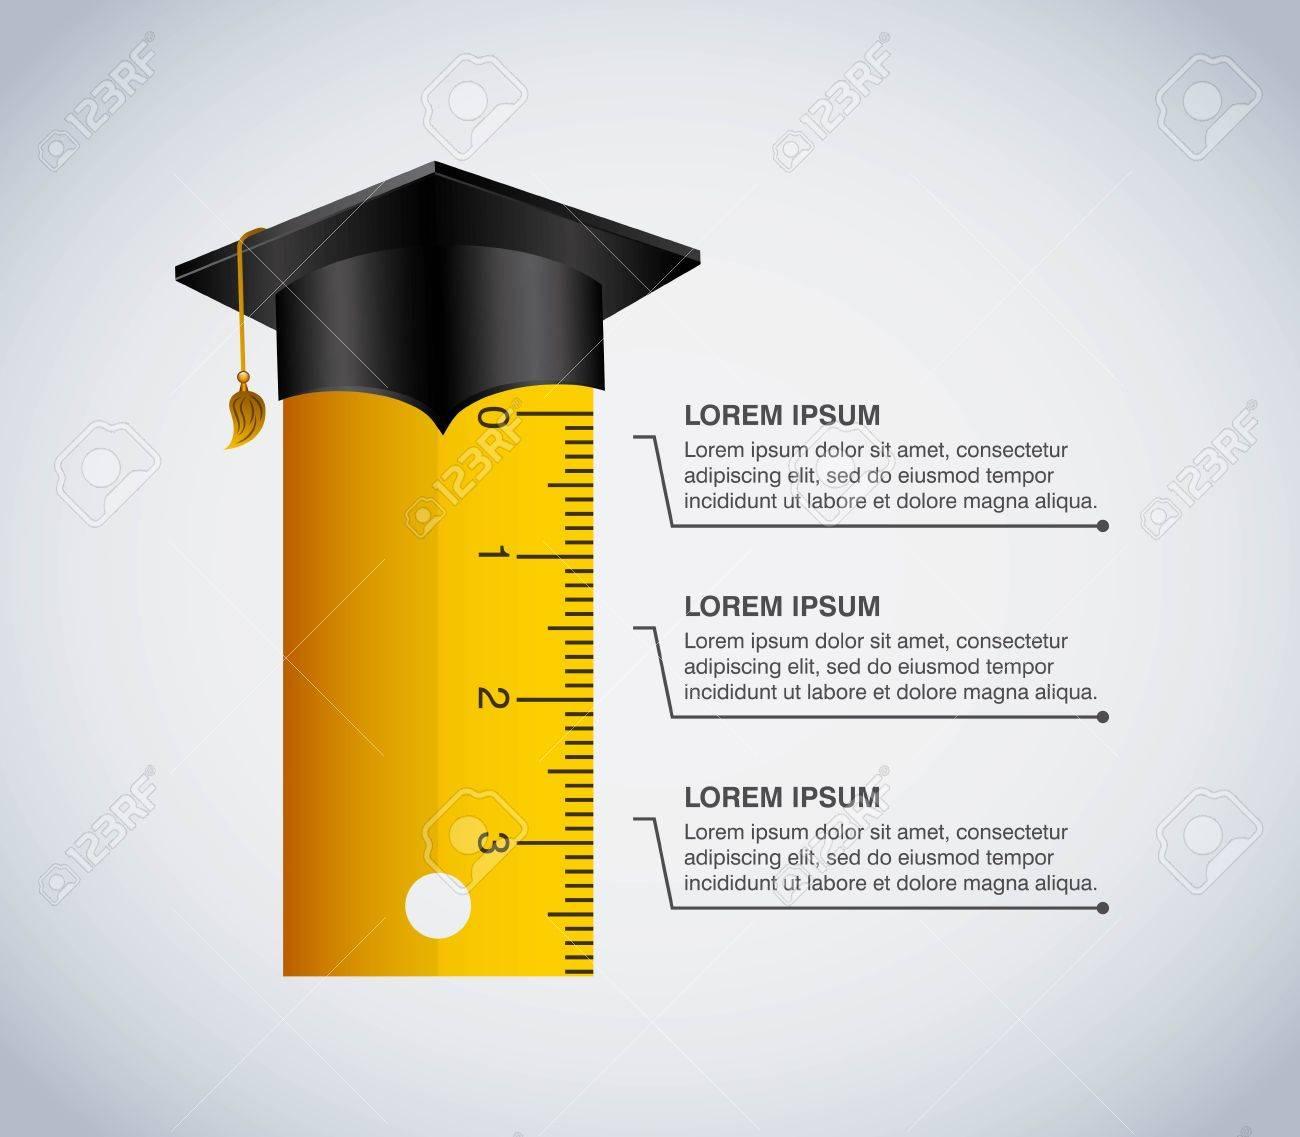 Concept de l'éducation Infographic représenté par la règle et le chapeau de graduation icône. Colorfull et illustration plat.